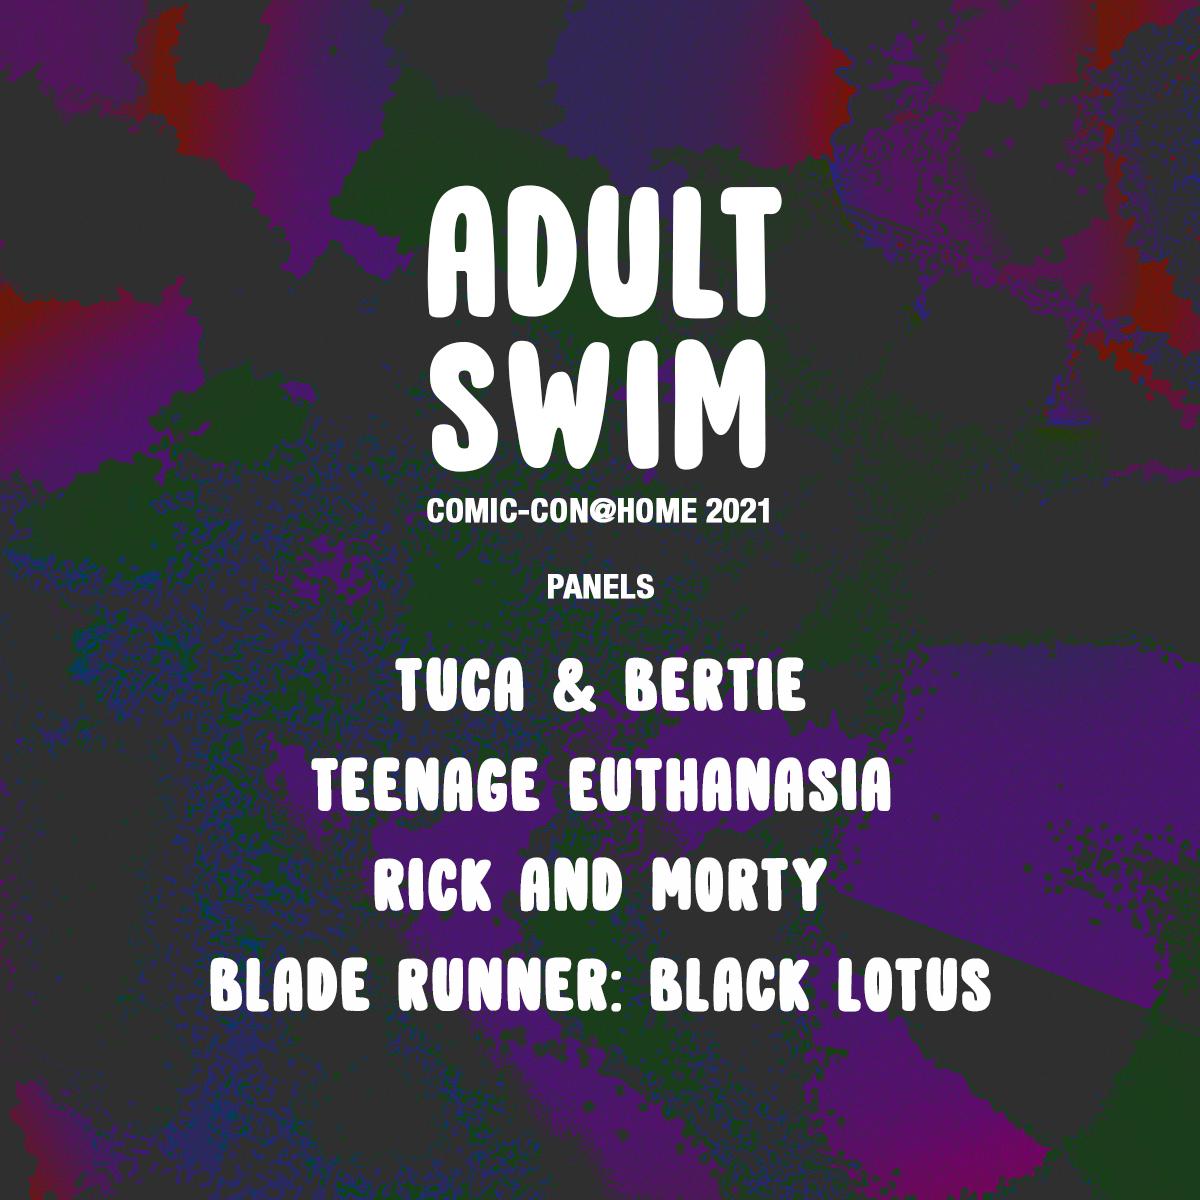 Adult Swim Comic-Con@Home 2021